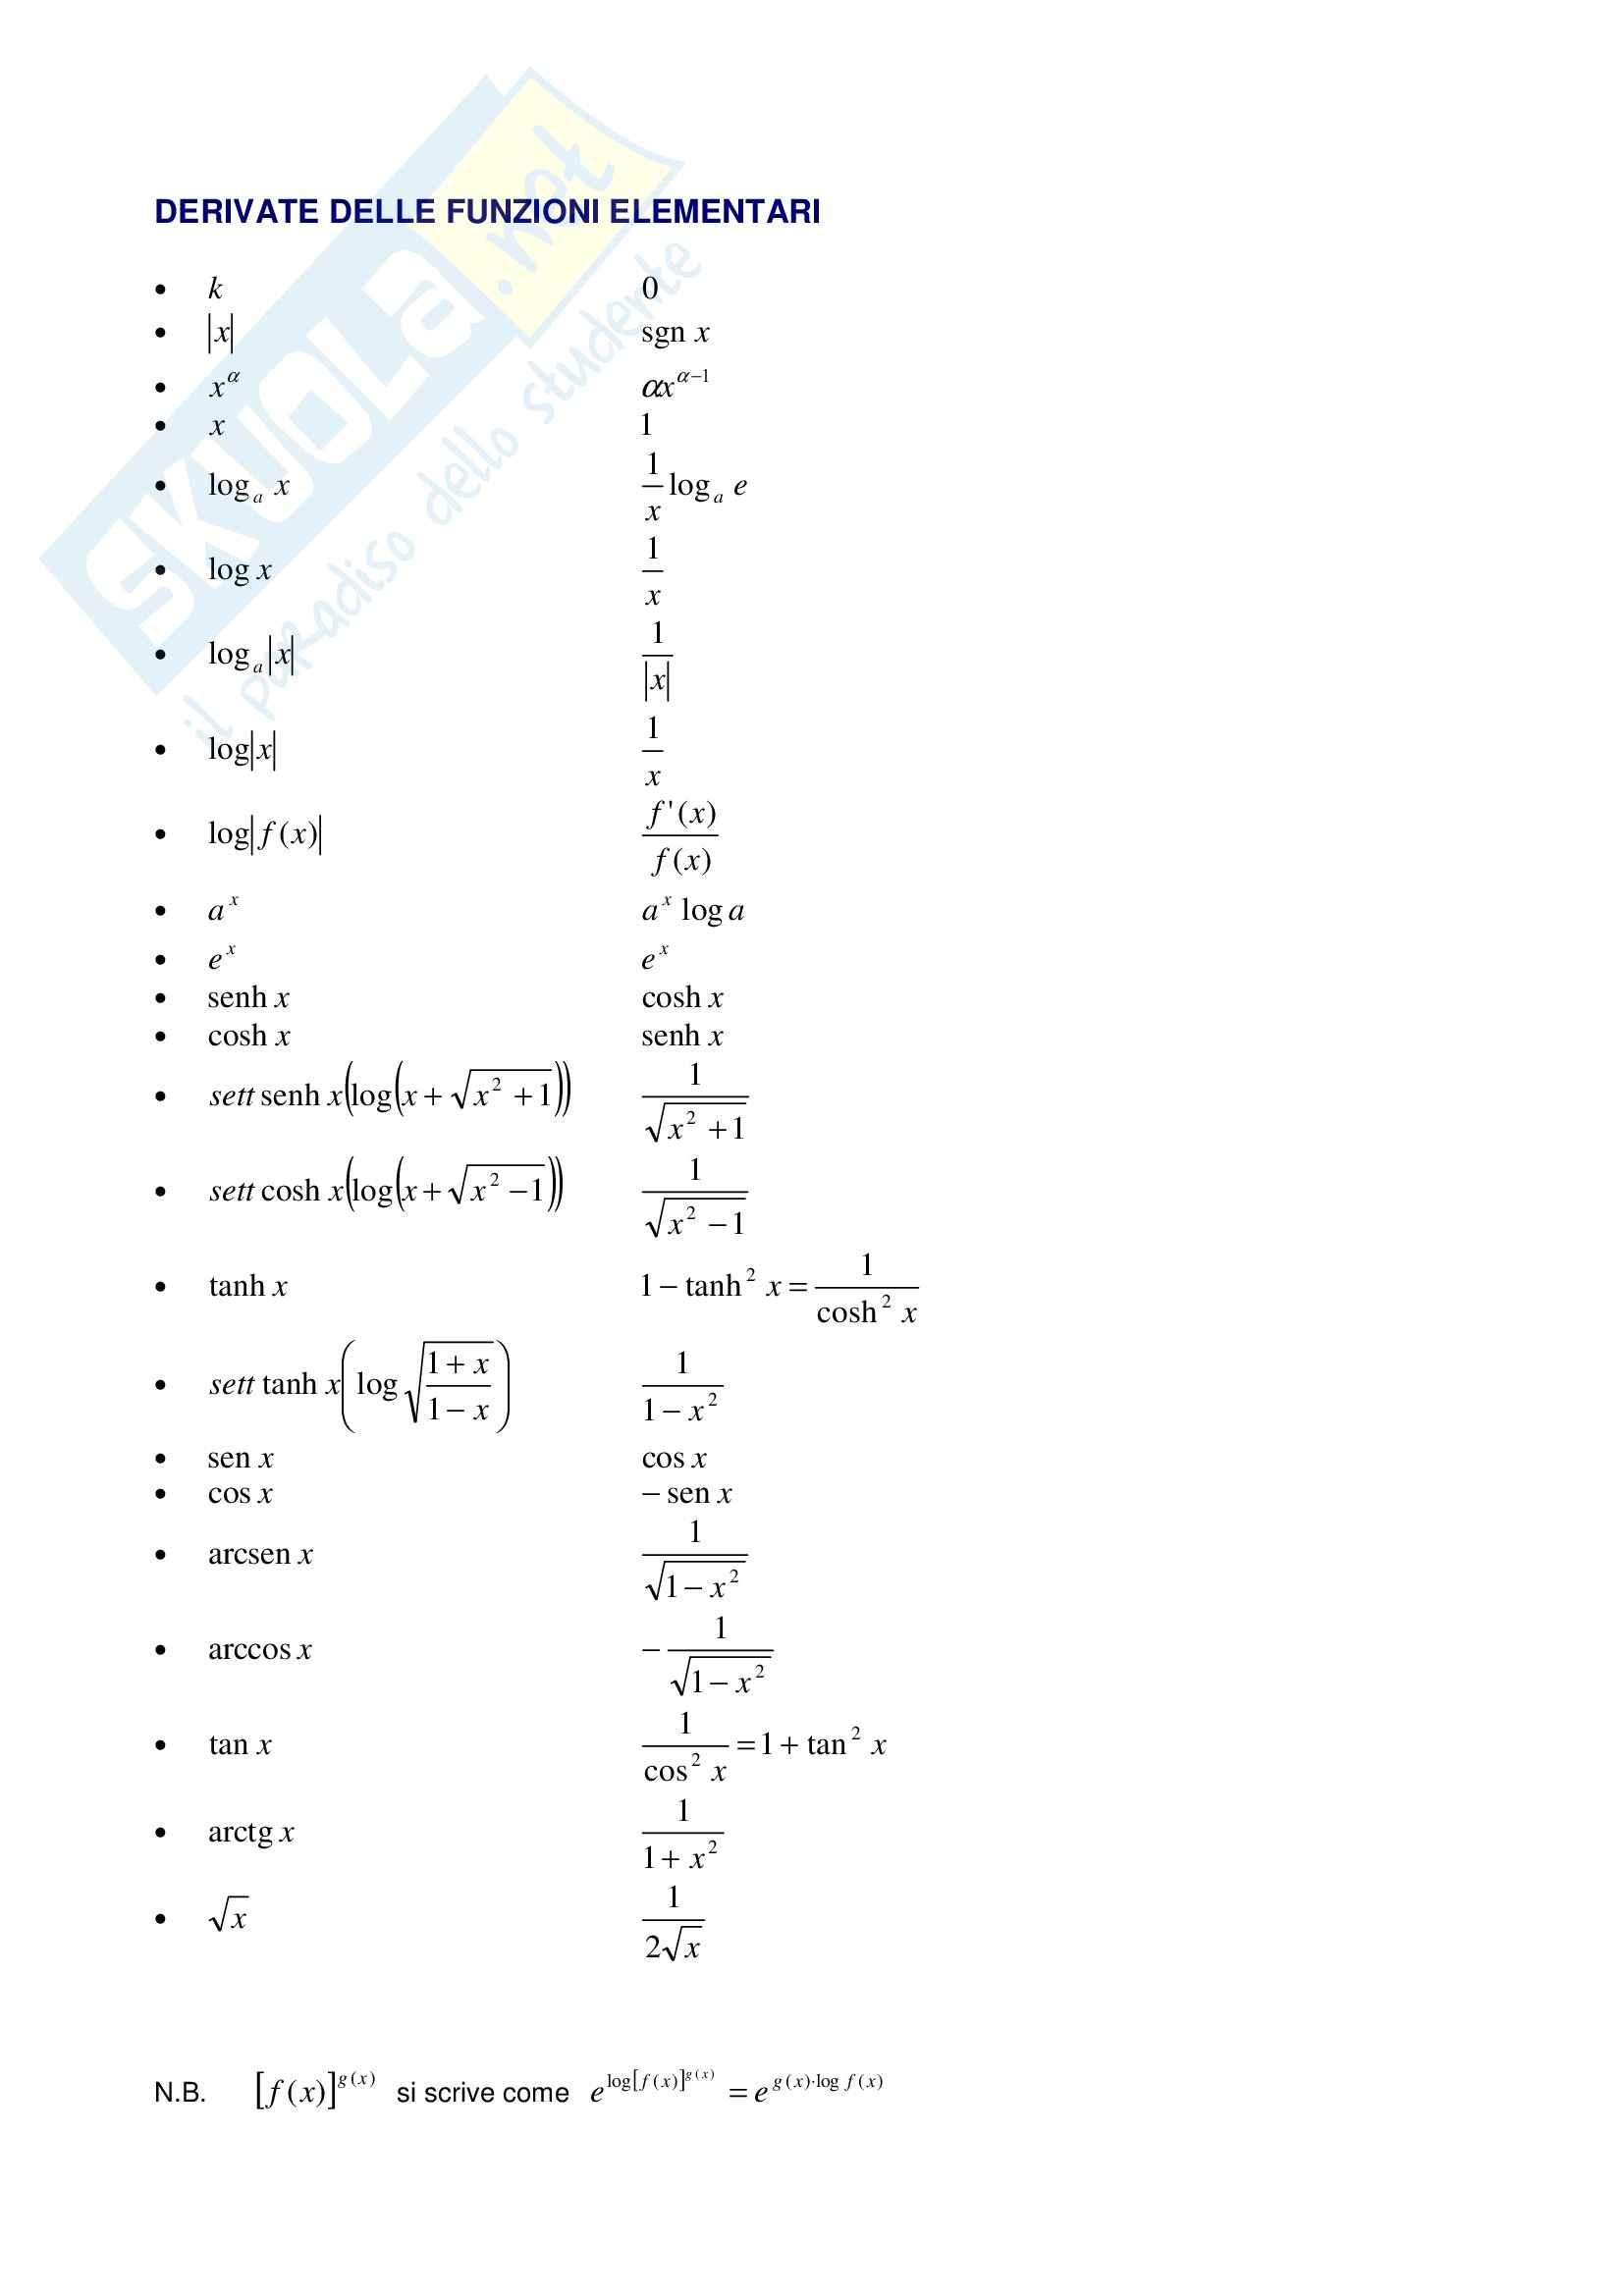 Analisi matematica I - derivate delle funzioni elementari